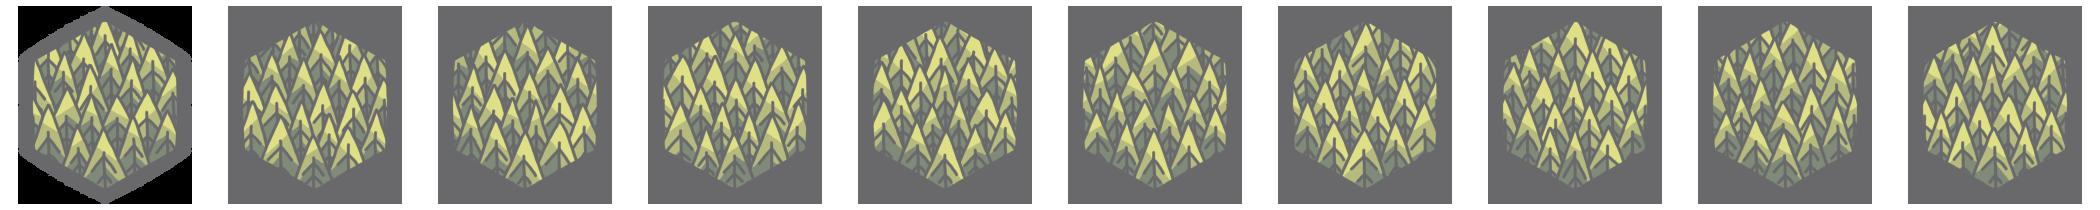 10 dense forest tiles